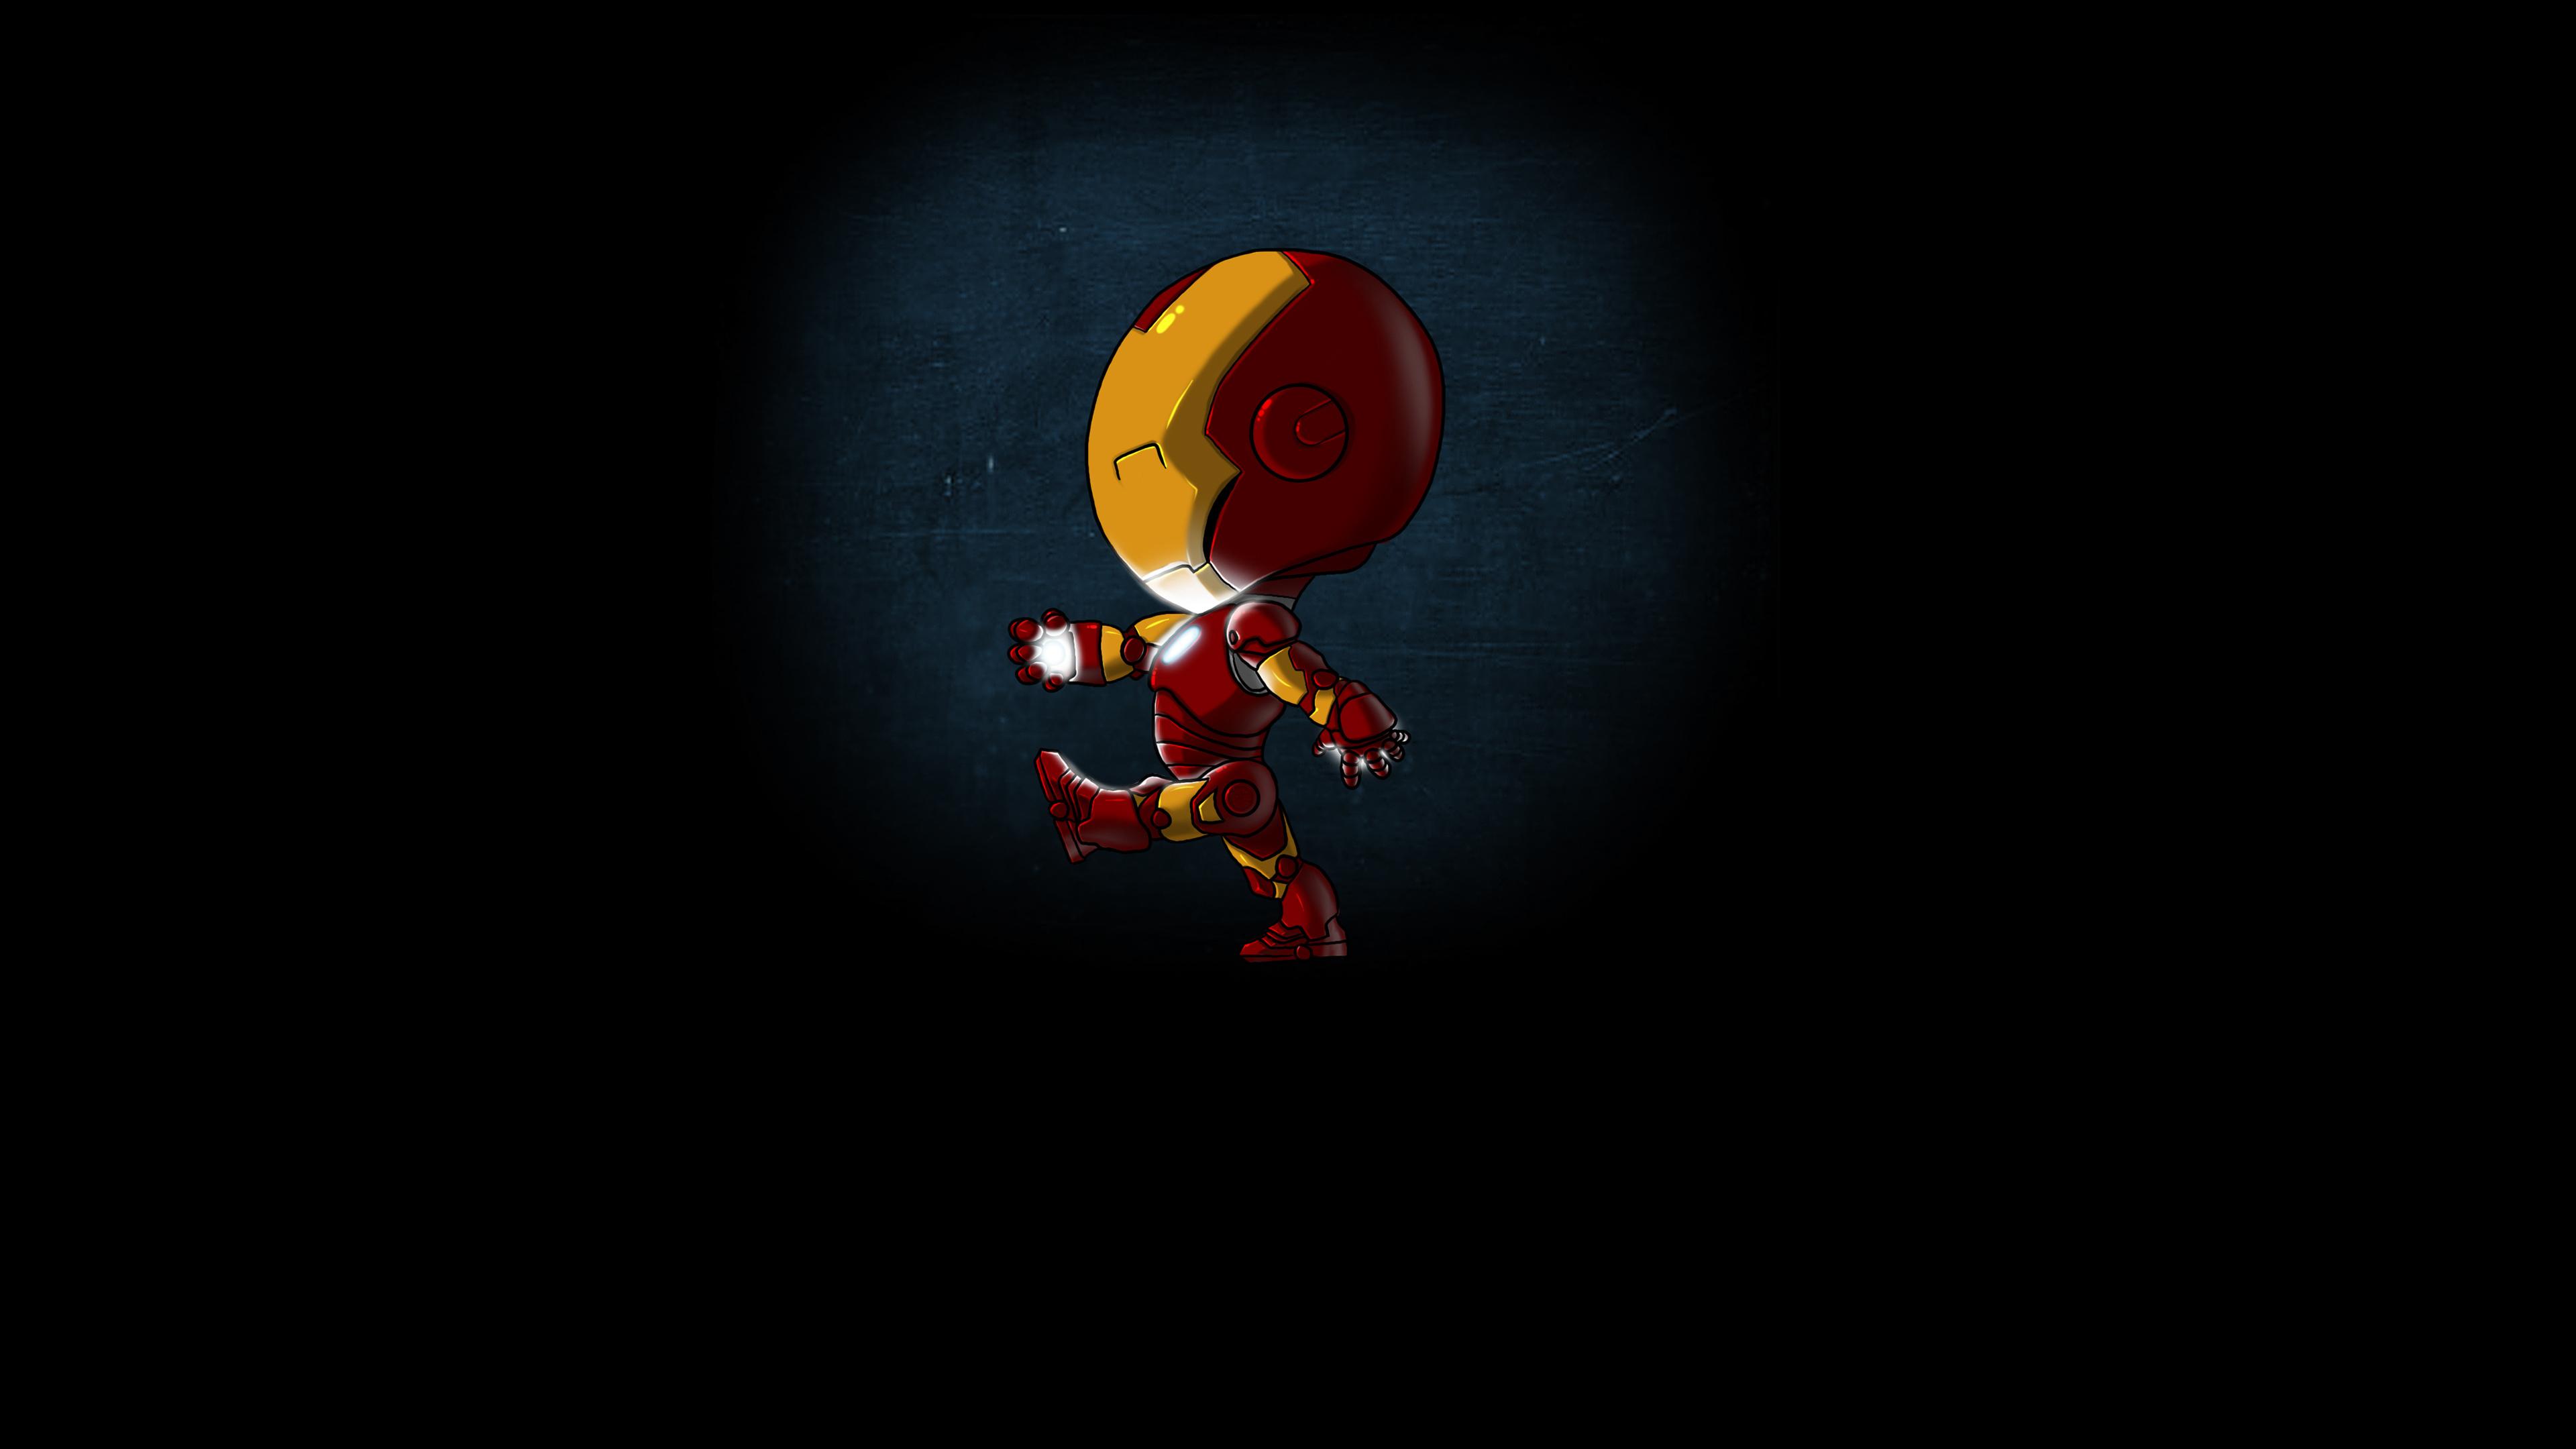 mini iron man 4k 1544286758 - Mini Iron Man 4k - superheroes wallpapers, iron man wallpapers, hd-wallpapers, digital art wallpapers, behance wallpapers, artwork wallpapers, 4k-wallpapers